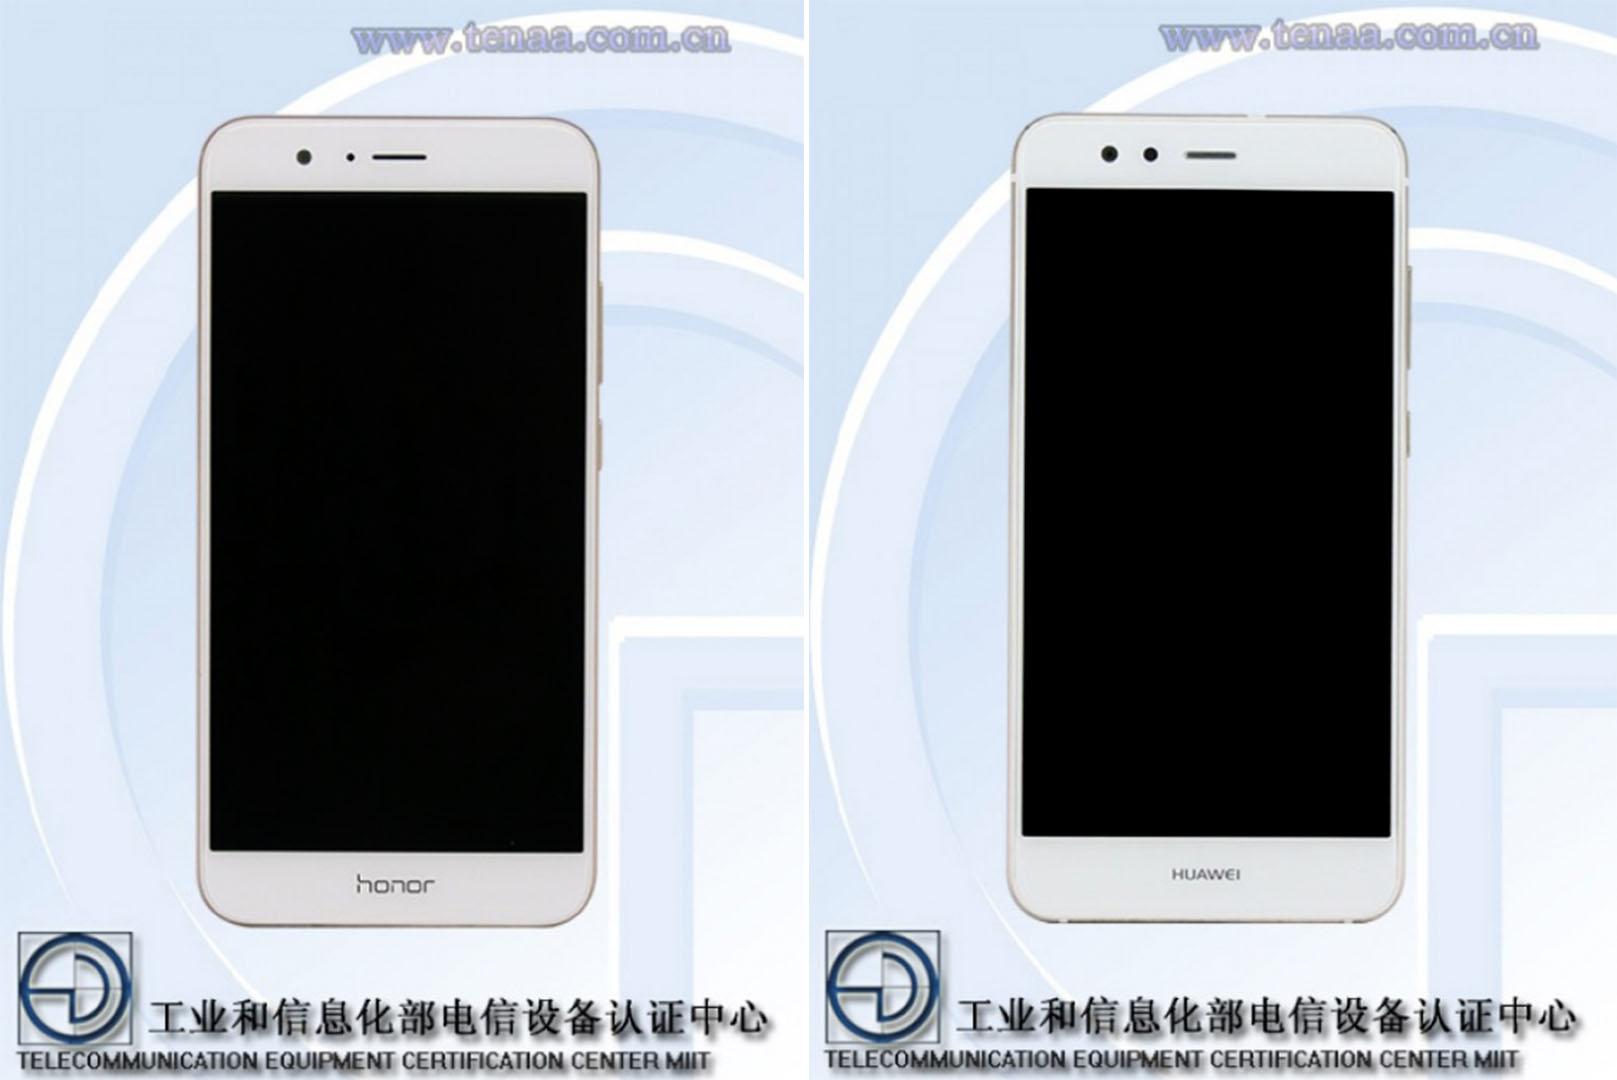 De nouveaux smartphones Huawei et Honor certifiés par la TENAA en Chine